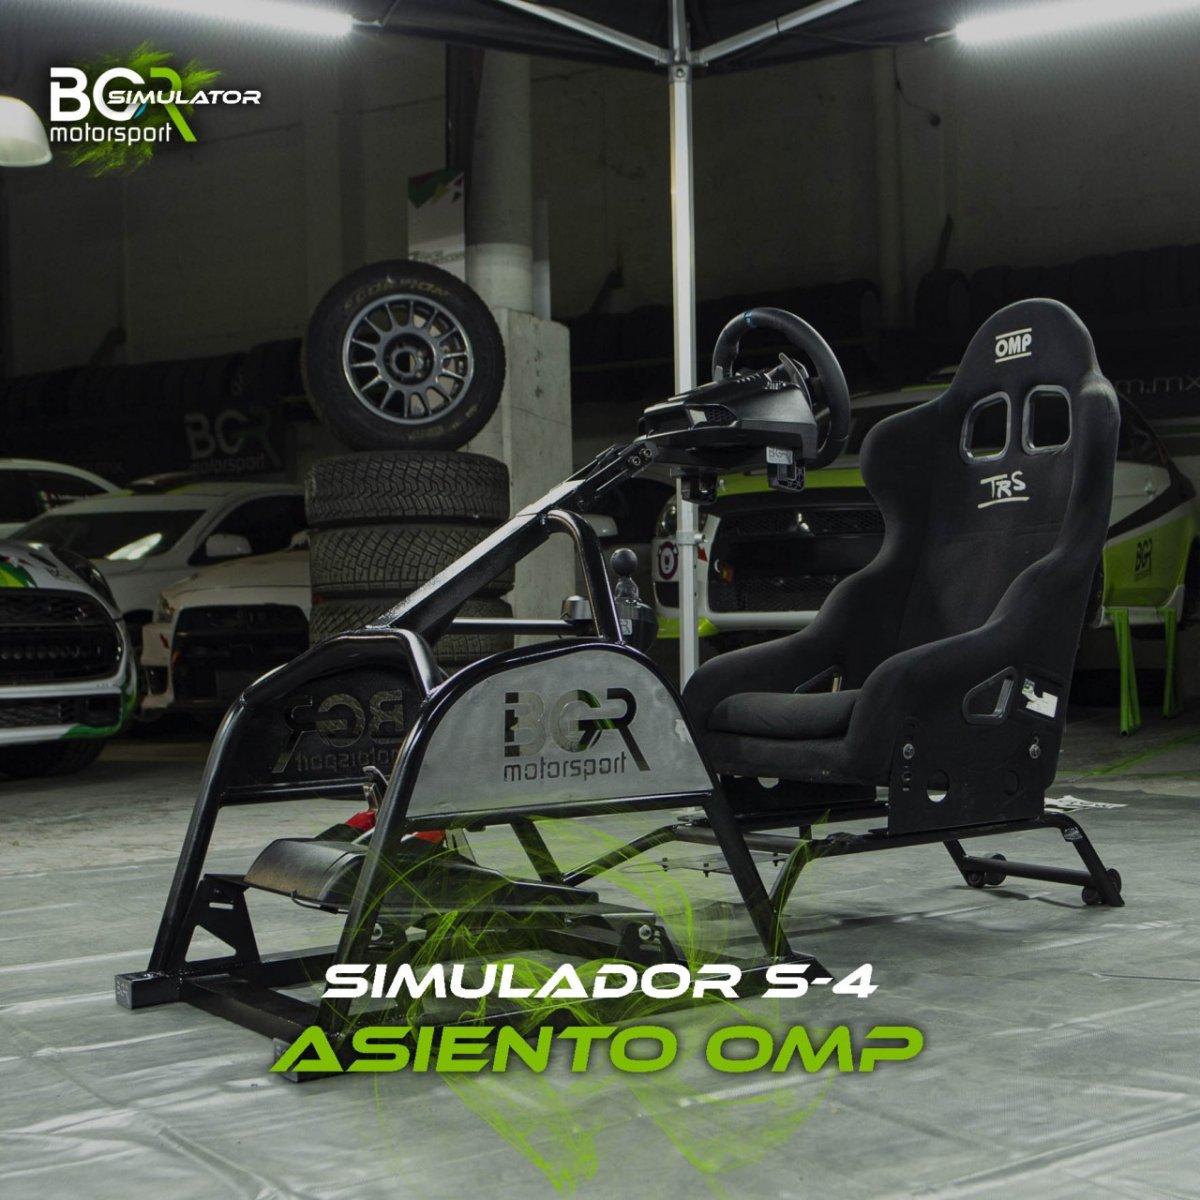 Simulador S4 Asiento OMP